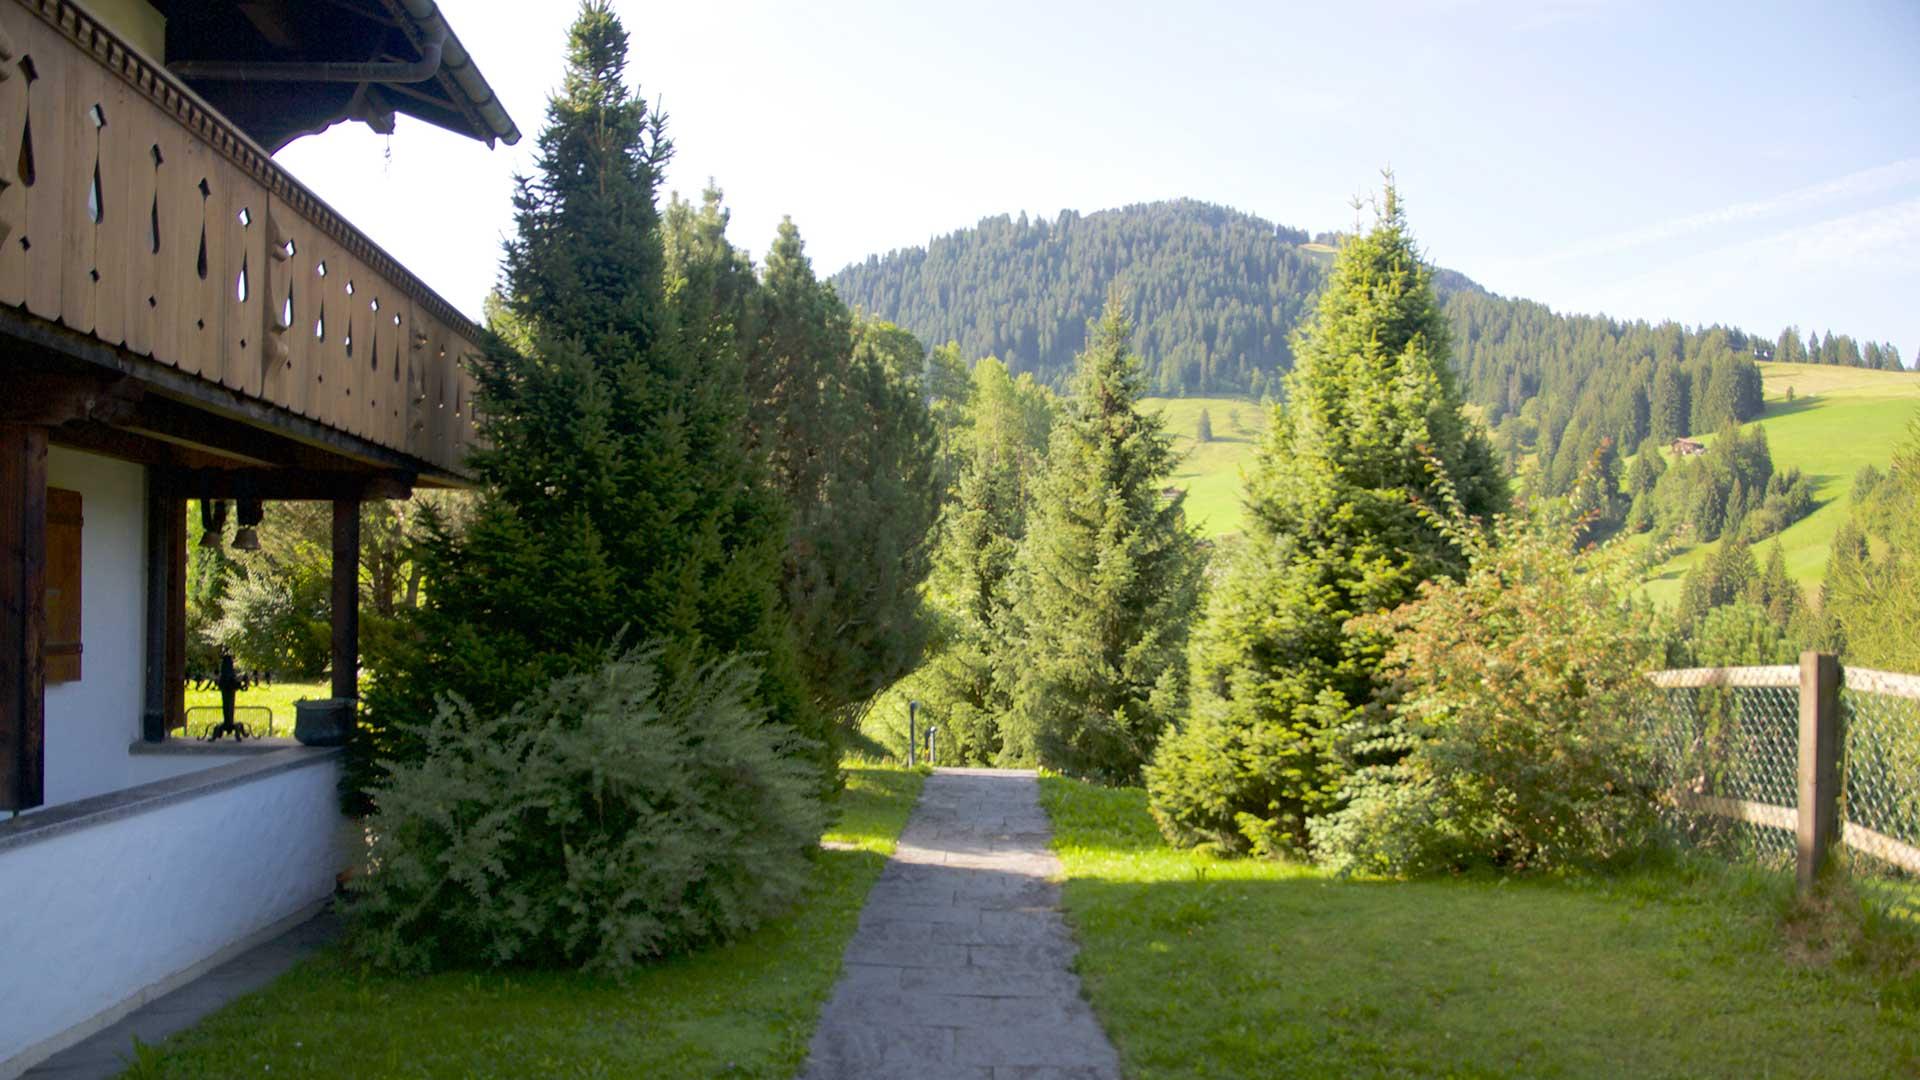 Chalet Cresta Chalet, Switzerland